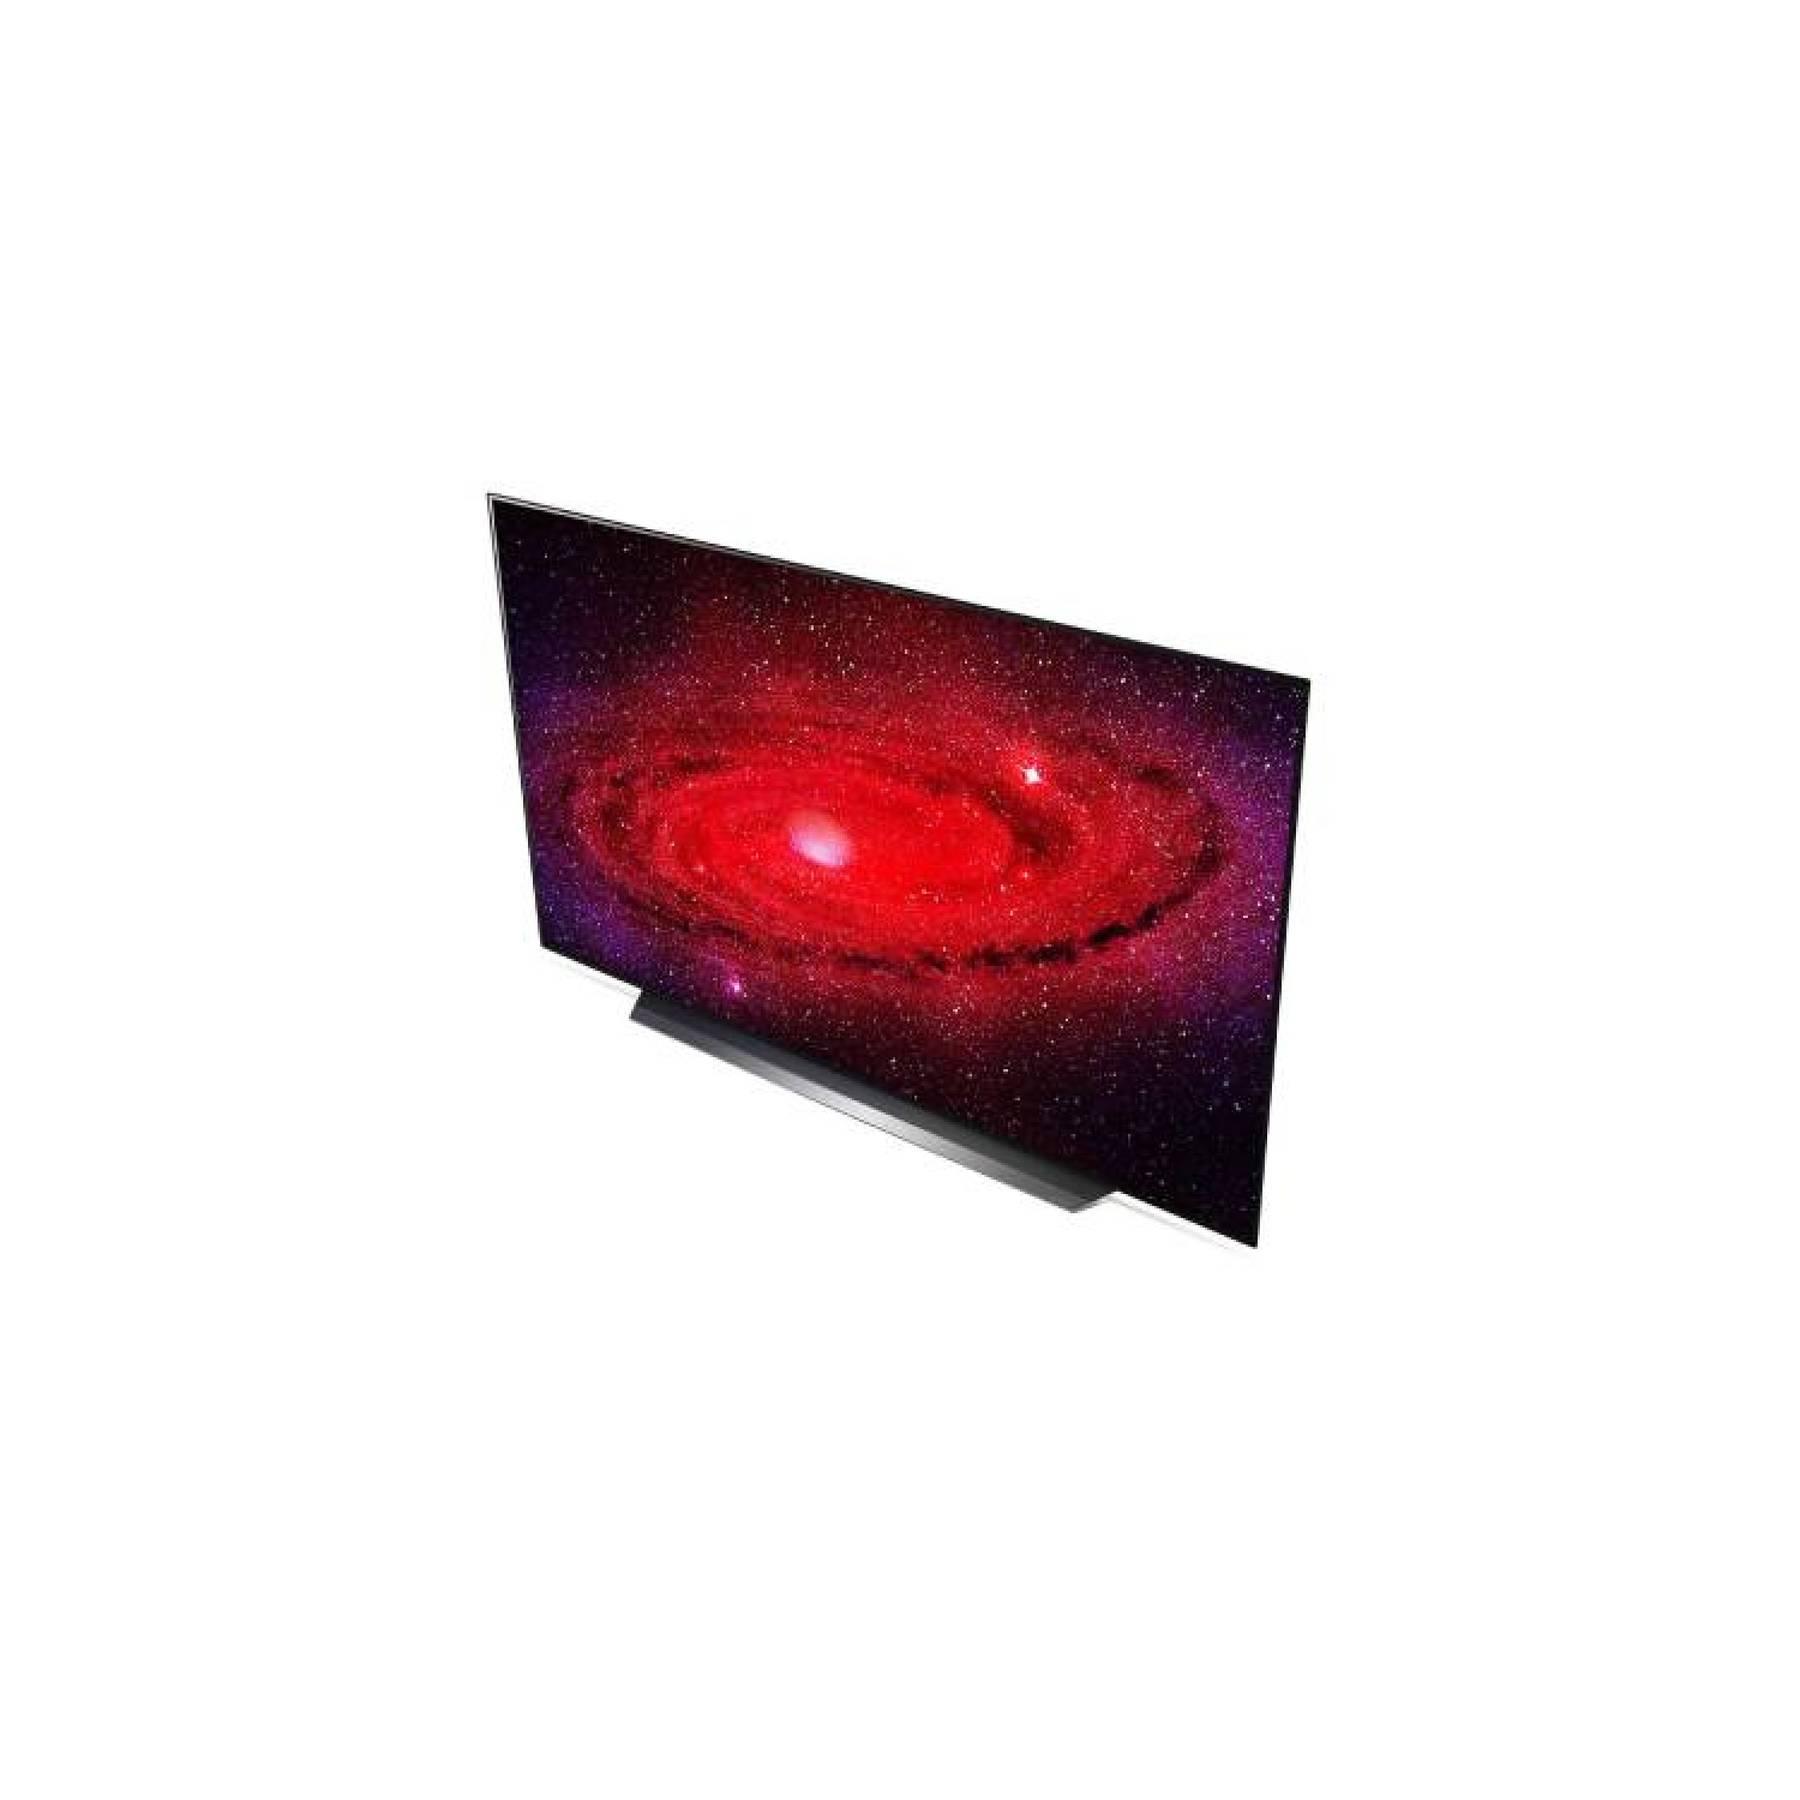 Smart televizor LG 55UM7000PLC - Televizori - TV - TV